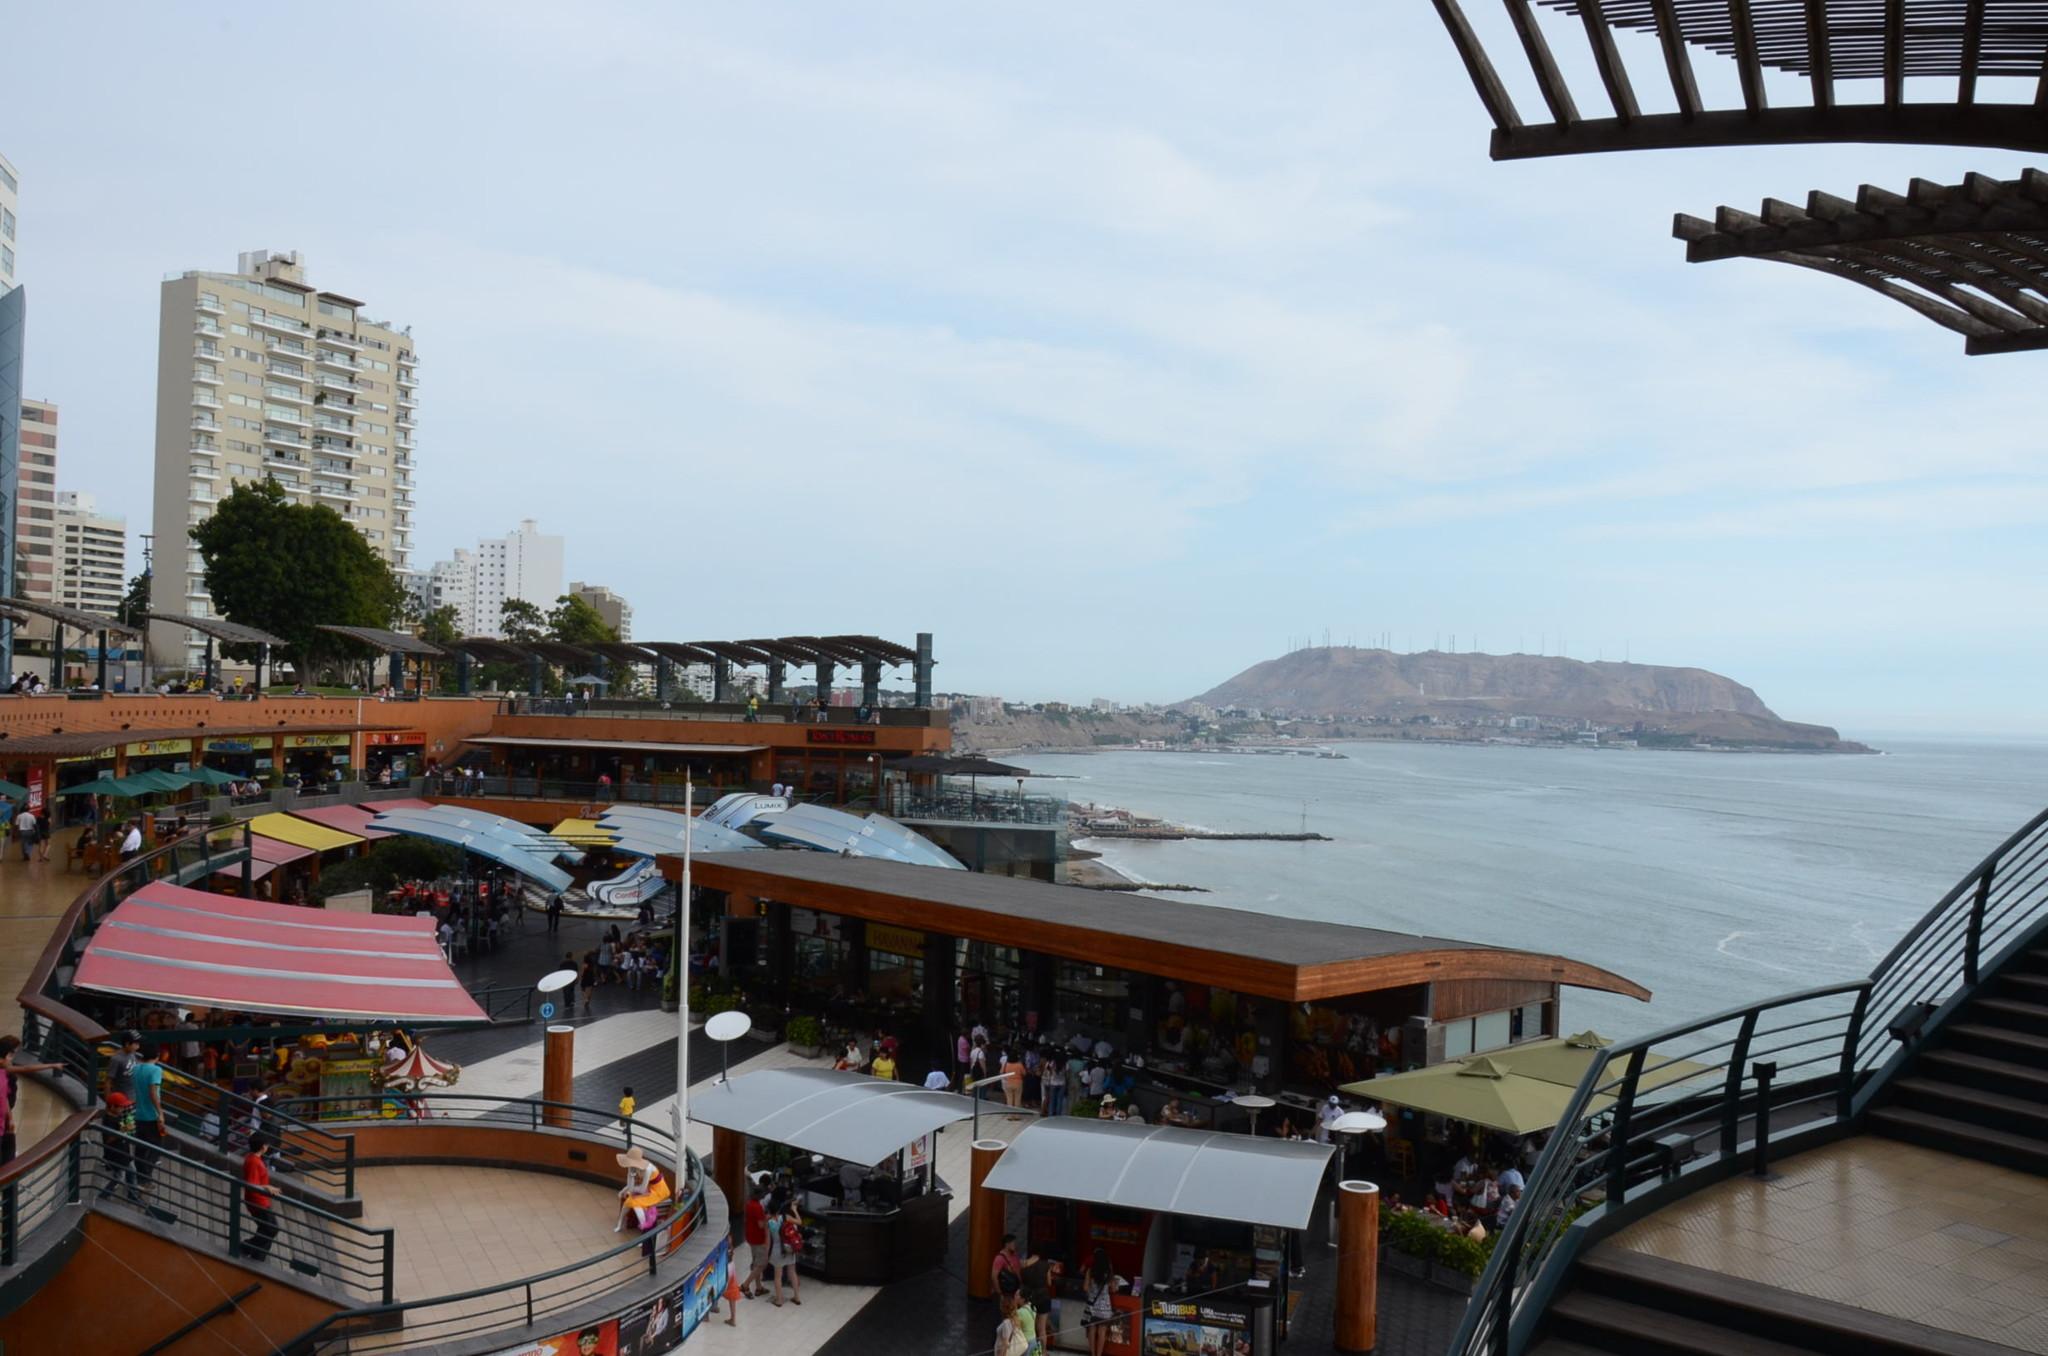 ラルコマル、崖の側面にある不思議なショッピングセンター